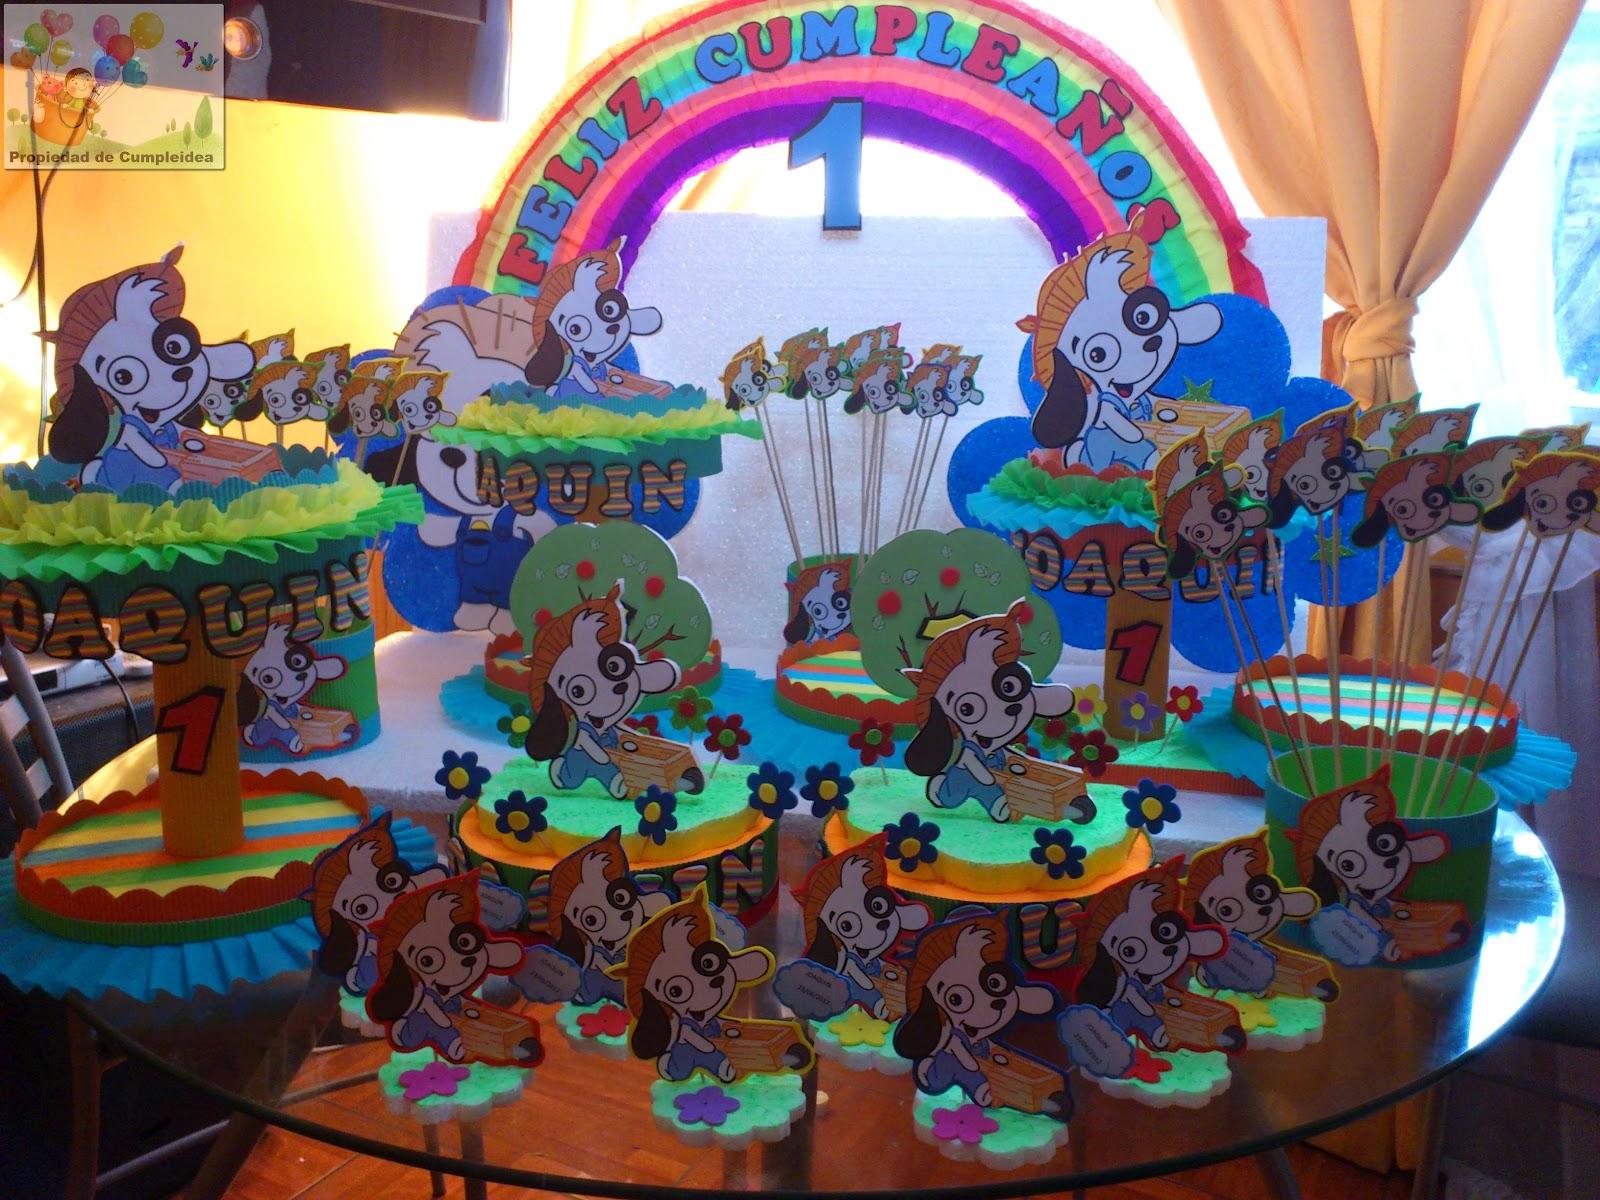 Decoraciones infantiles junio 2012 decoraciones for Decoraciones infantiles